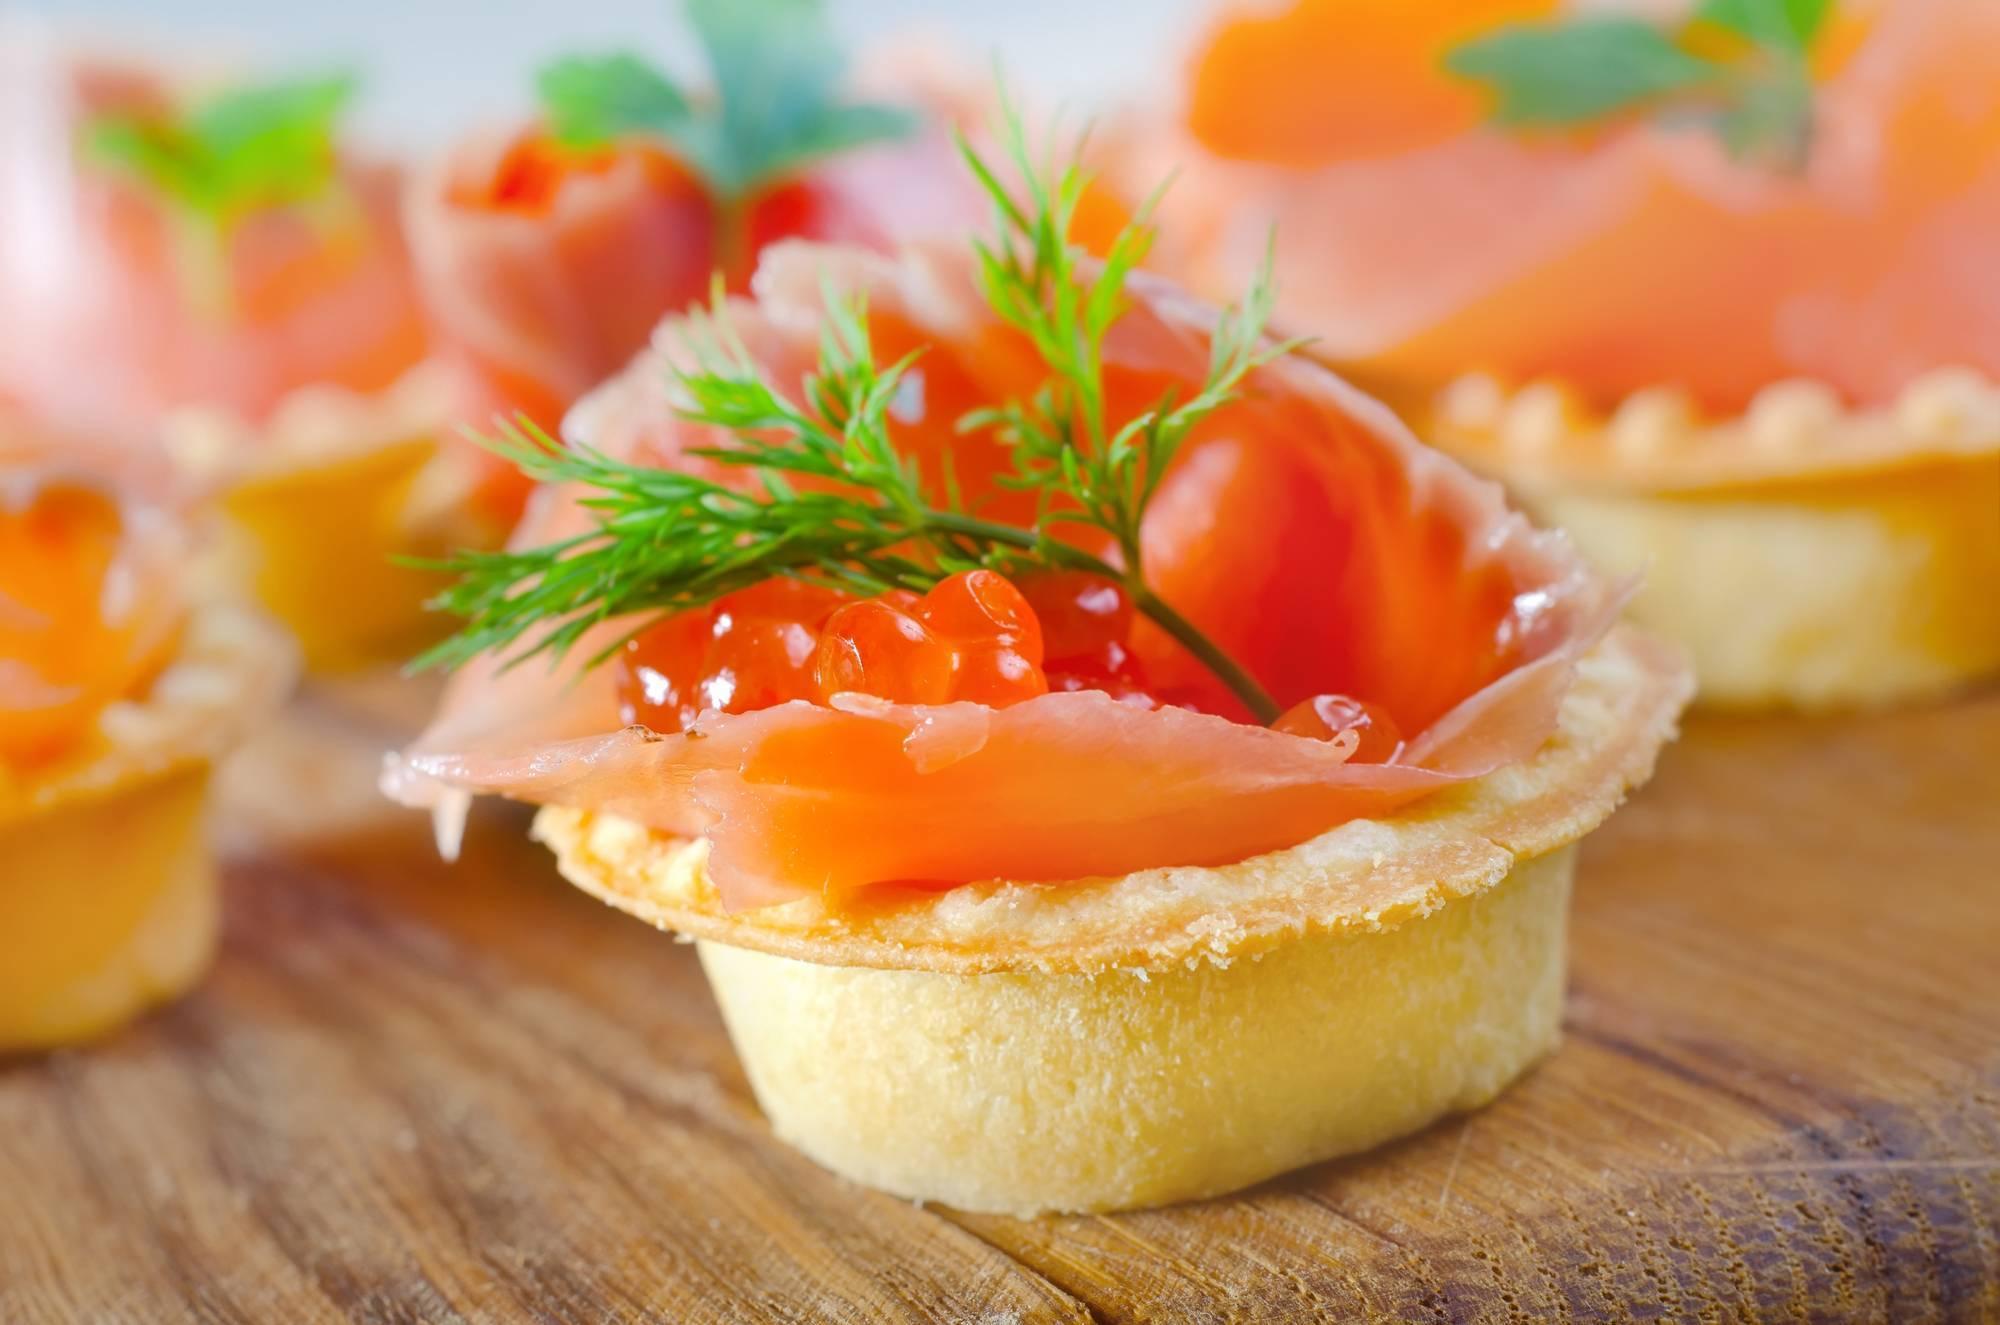 Как приготовить тарталетки с красной рыбой по пошаговому рецепту с фото